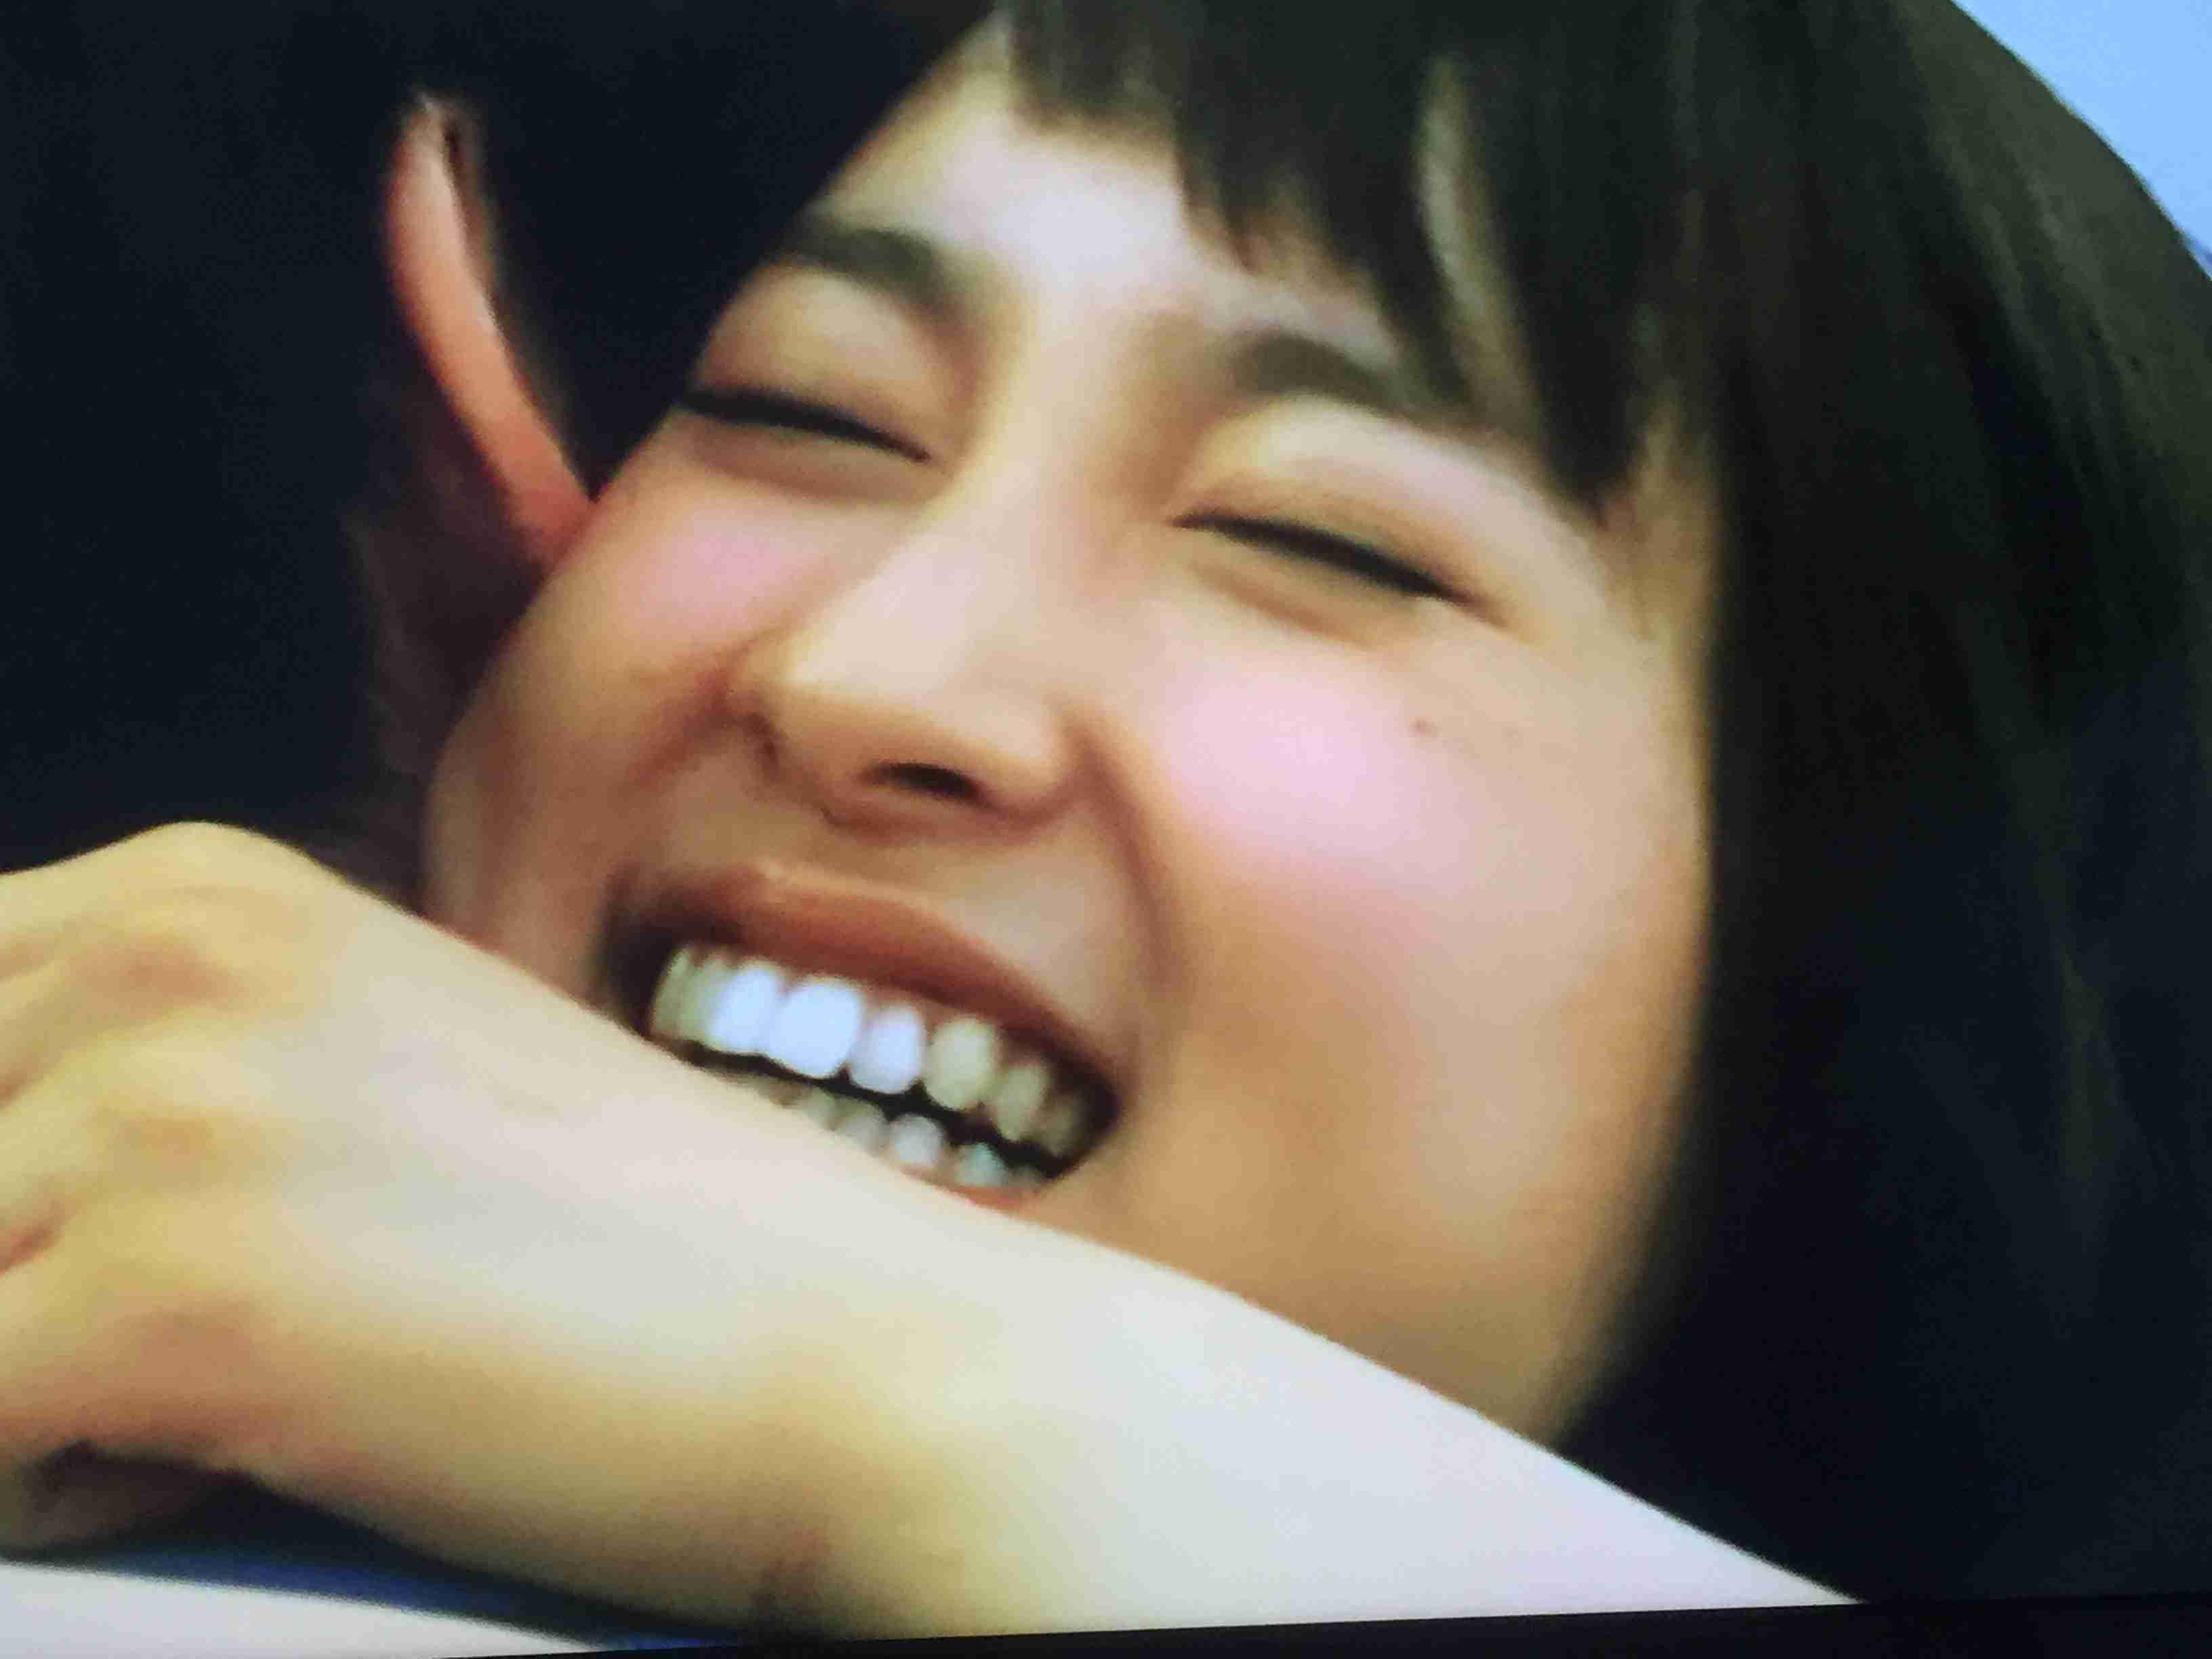 亀梨和也 キス顔も披露「アイドルを実感」と照れる